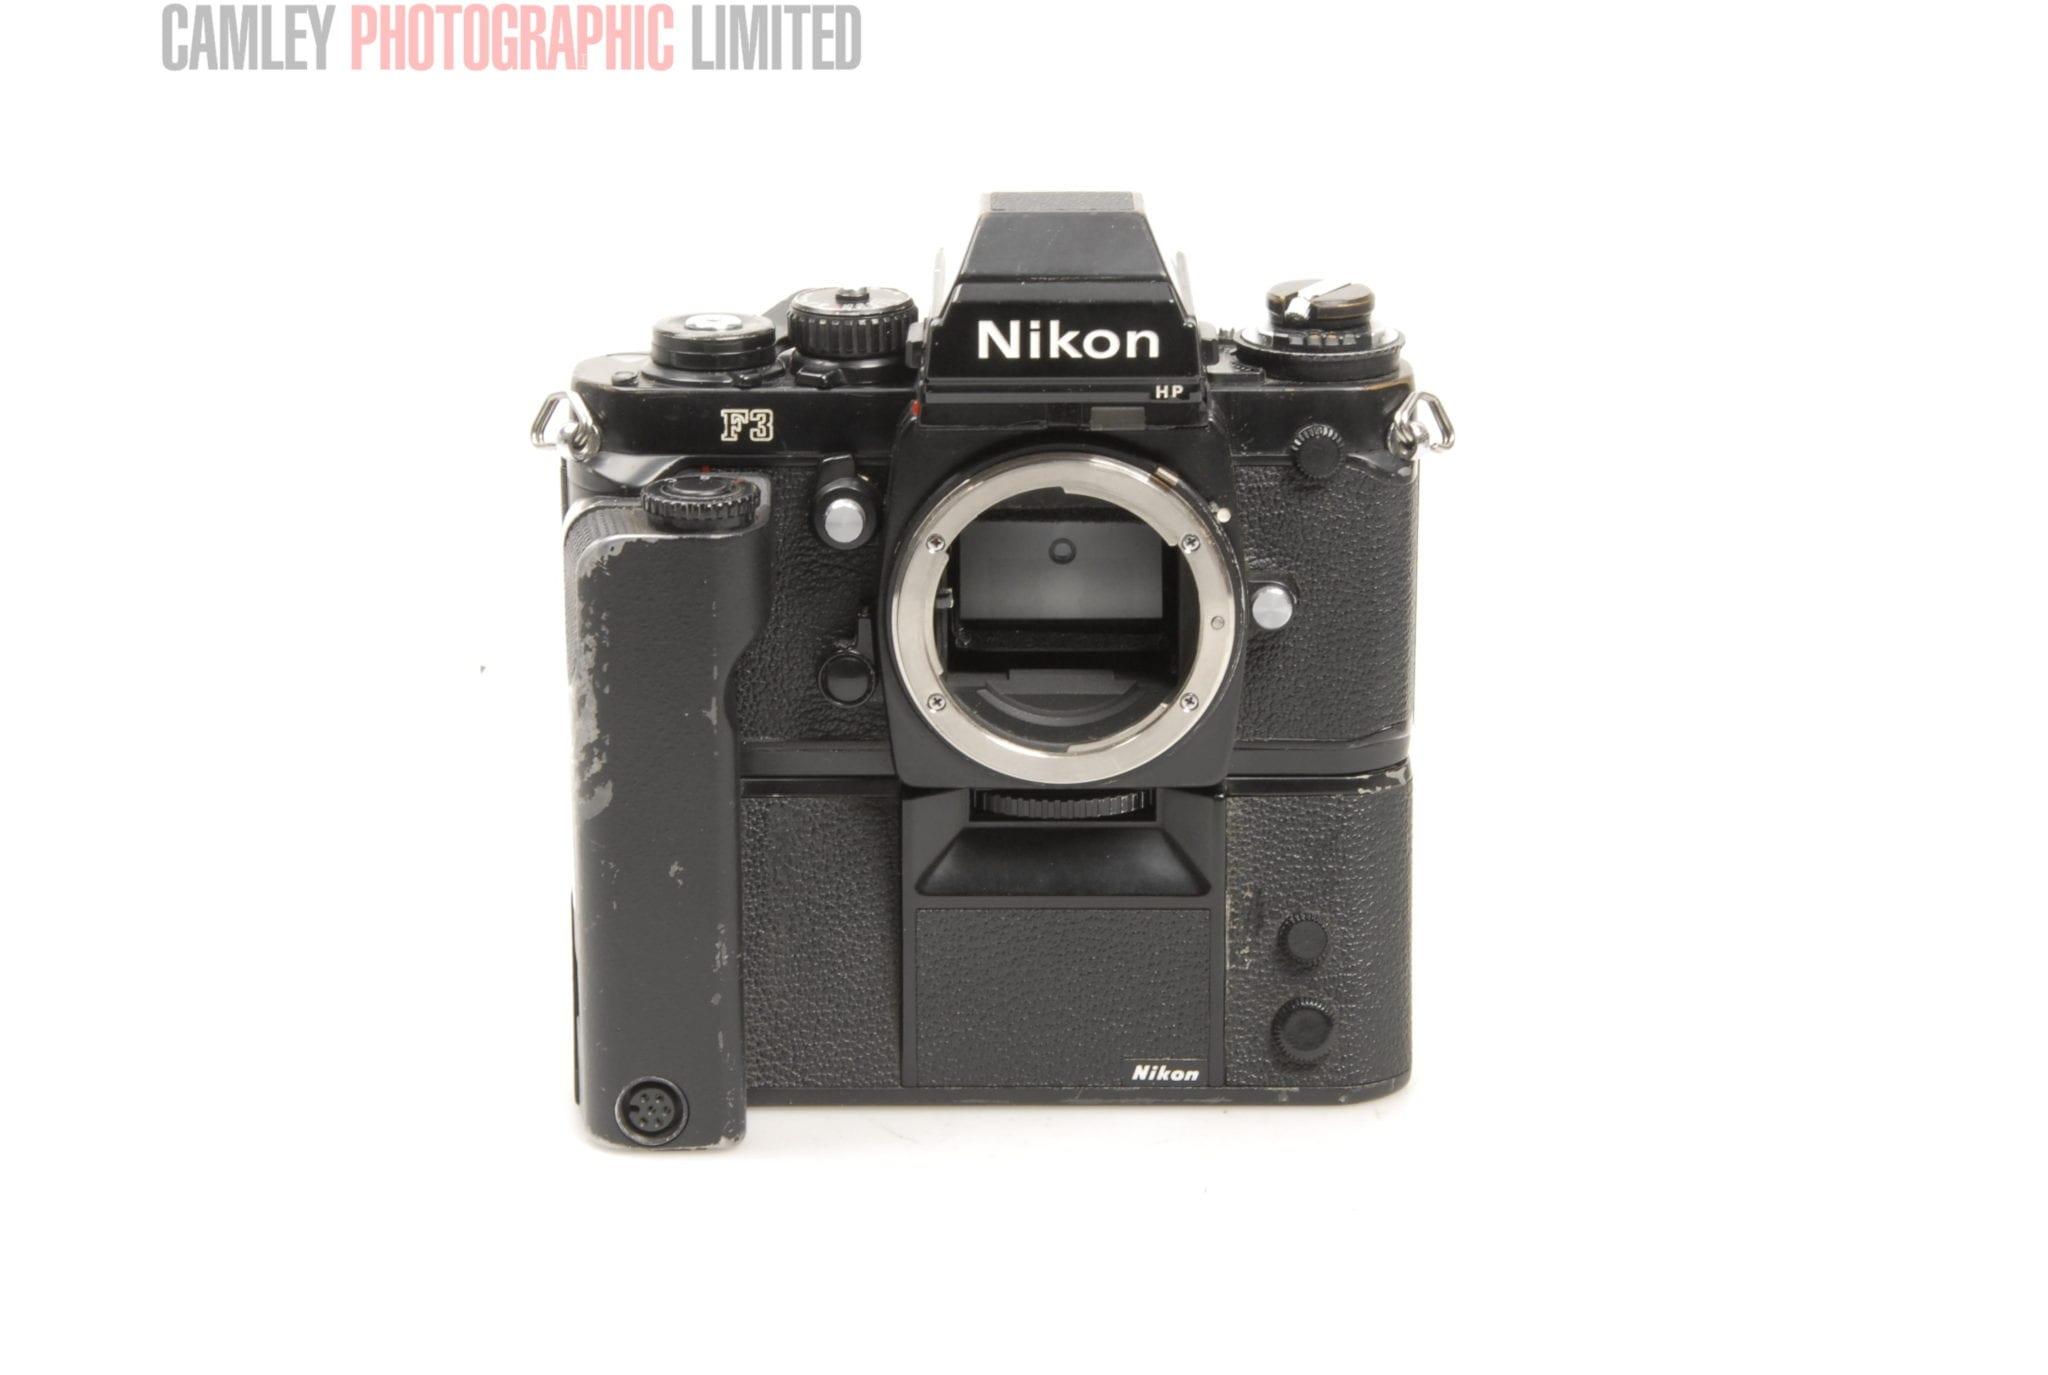 Nikon F3HP 35mm SLR Camera Body Just serviced Condition – 4E [6448]